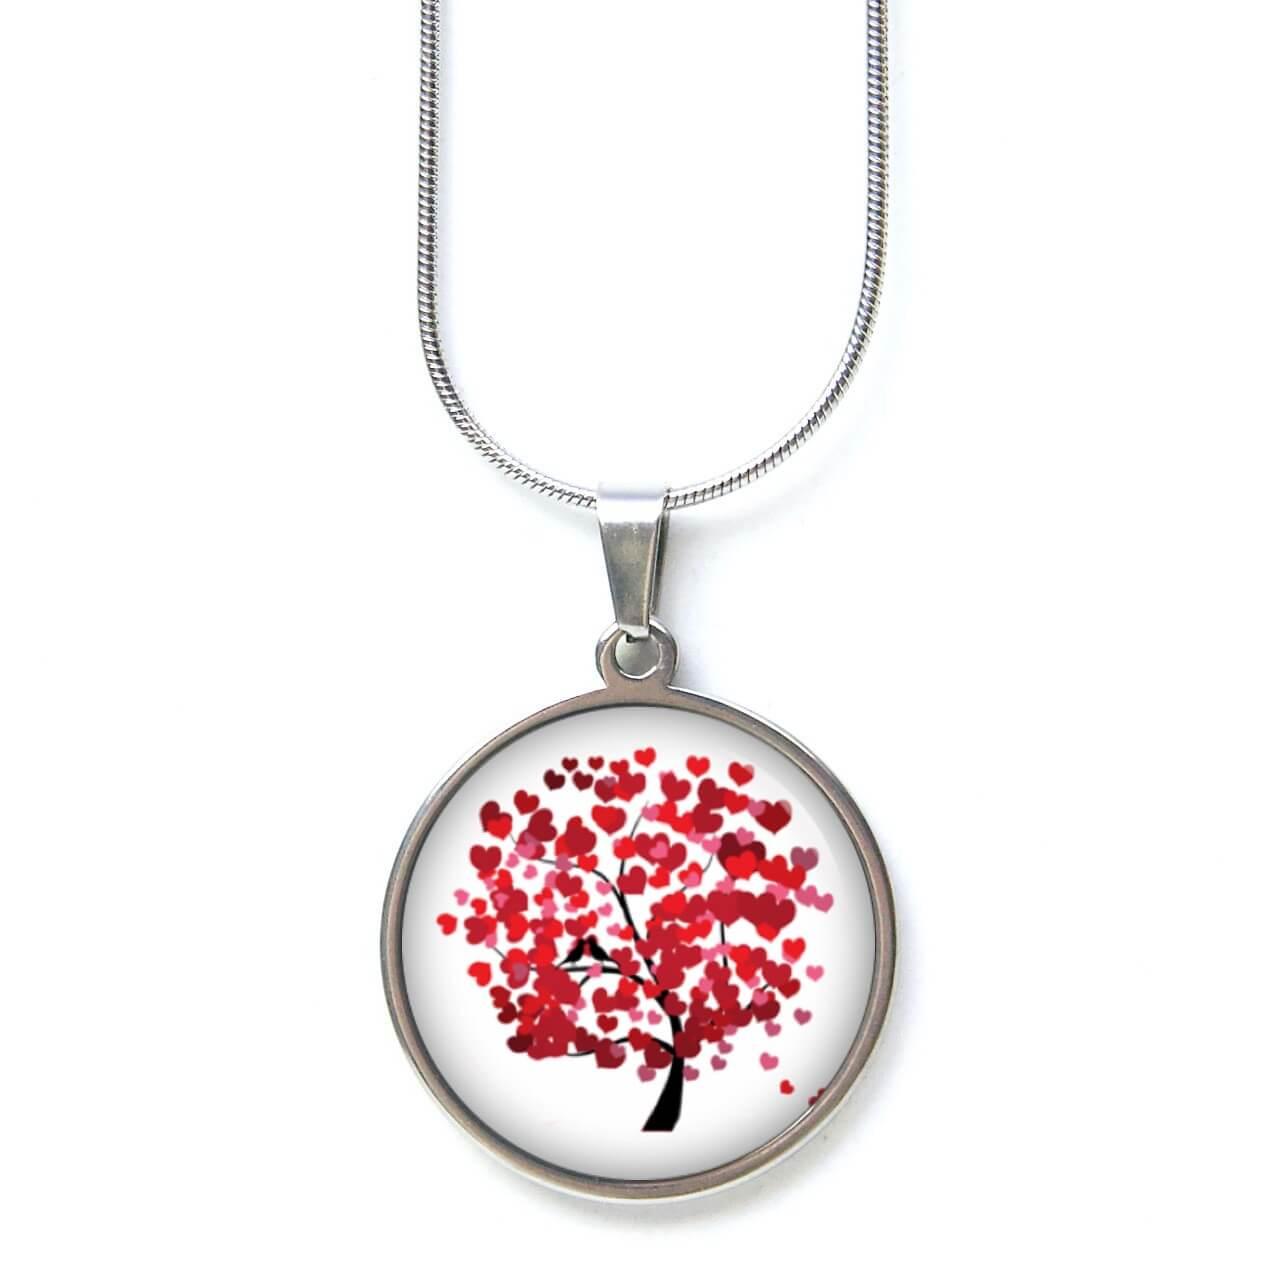 Edelstahl Kette Herzchenbaum - Baum mit Herzen - Valentinstag